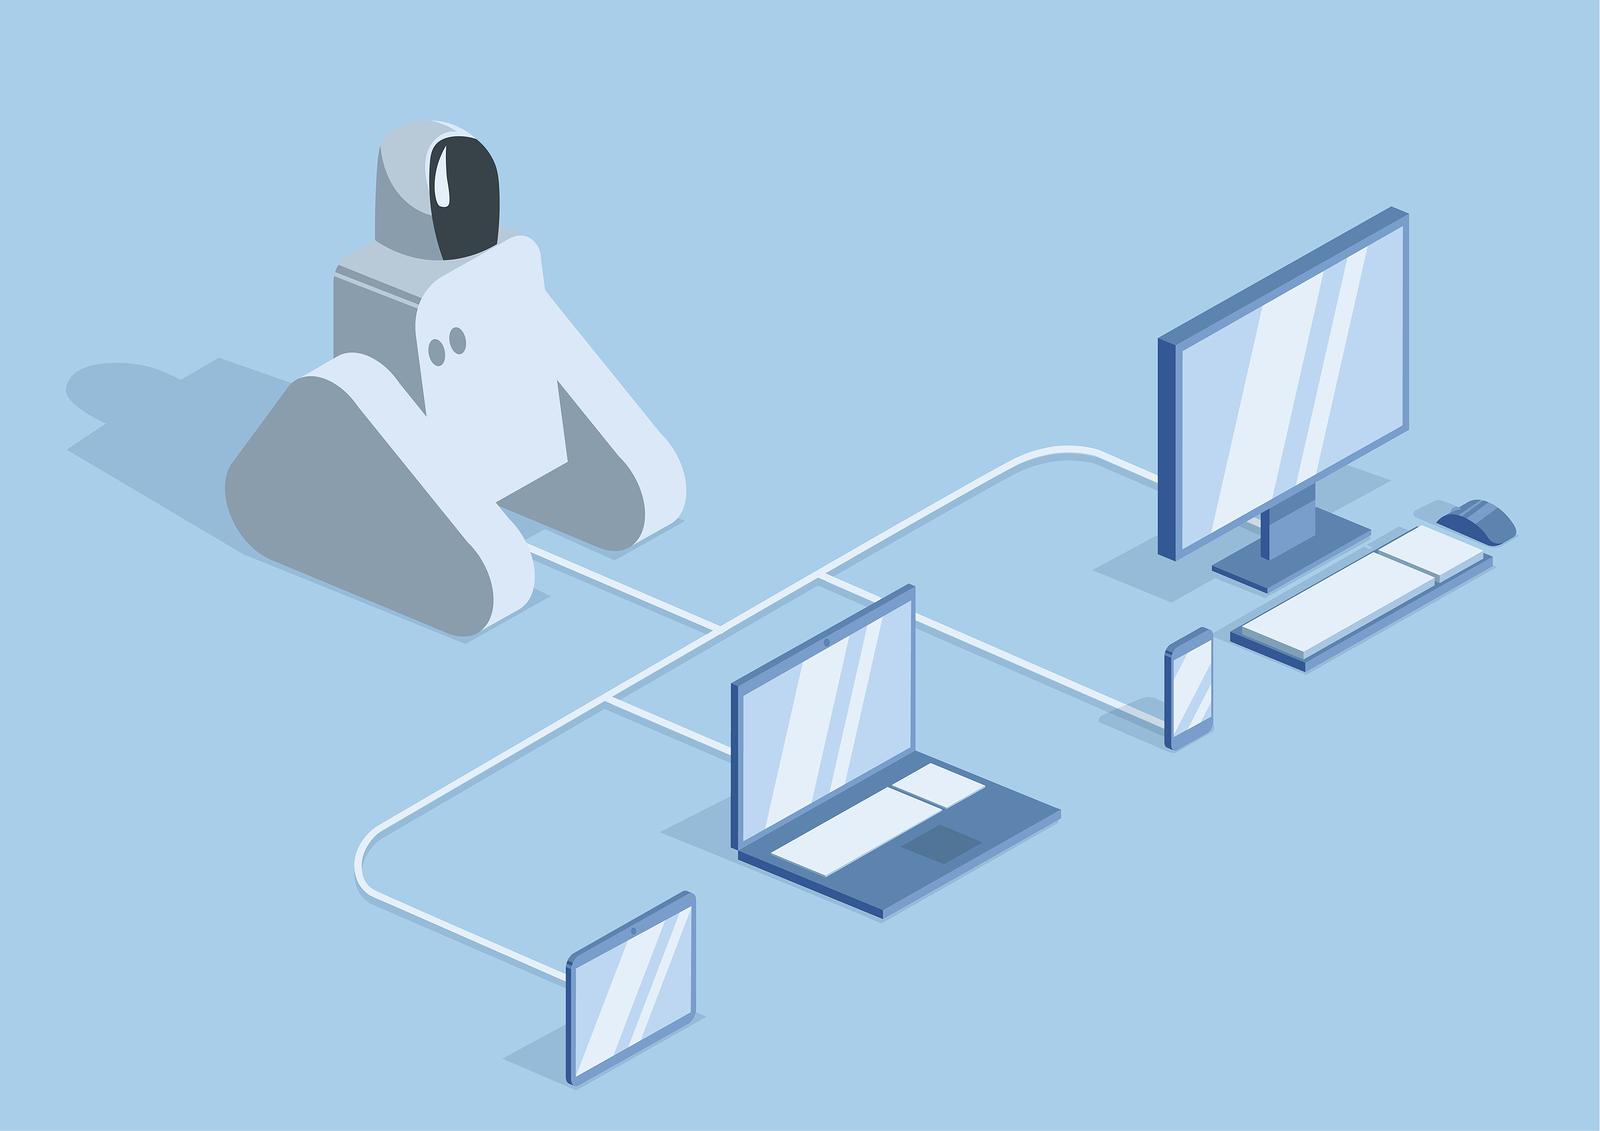 The School of Artificial Intelligence, es un portal de Udacity en el cual los estudiantes pueden elegir distintos caminos de aprendizaje para dominar conceptos y herramientas de IA. - Foto: Bigstock